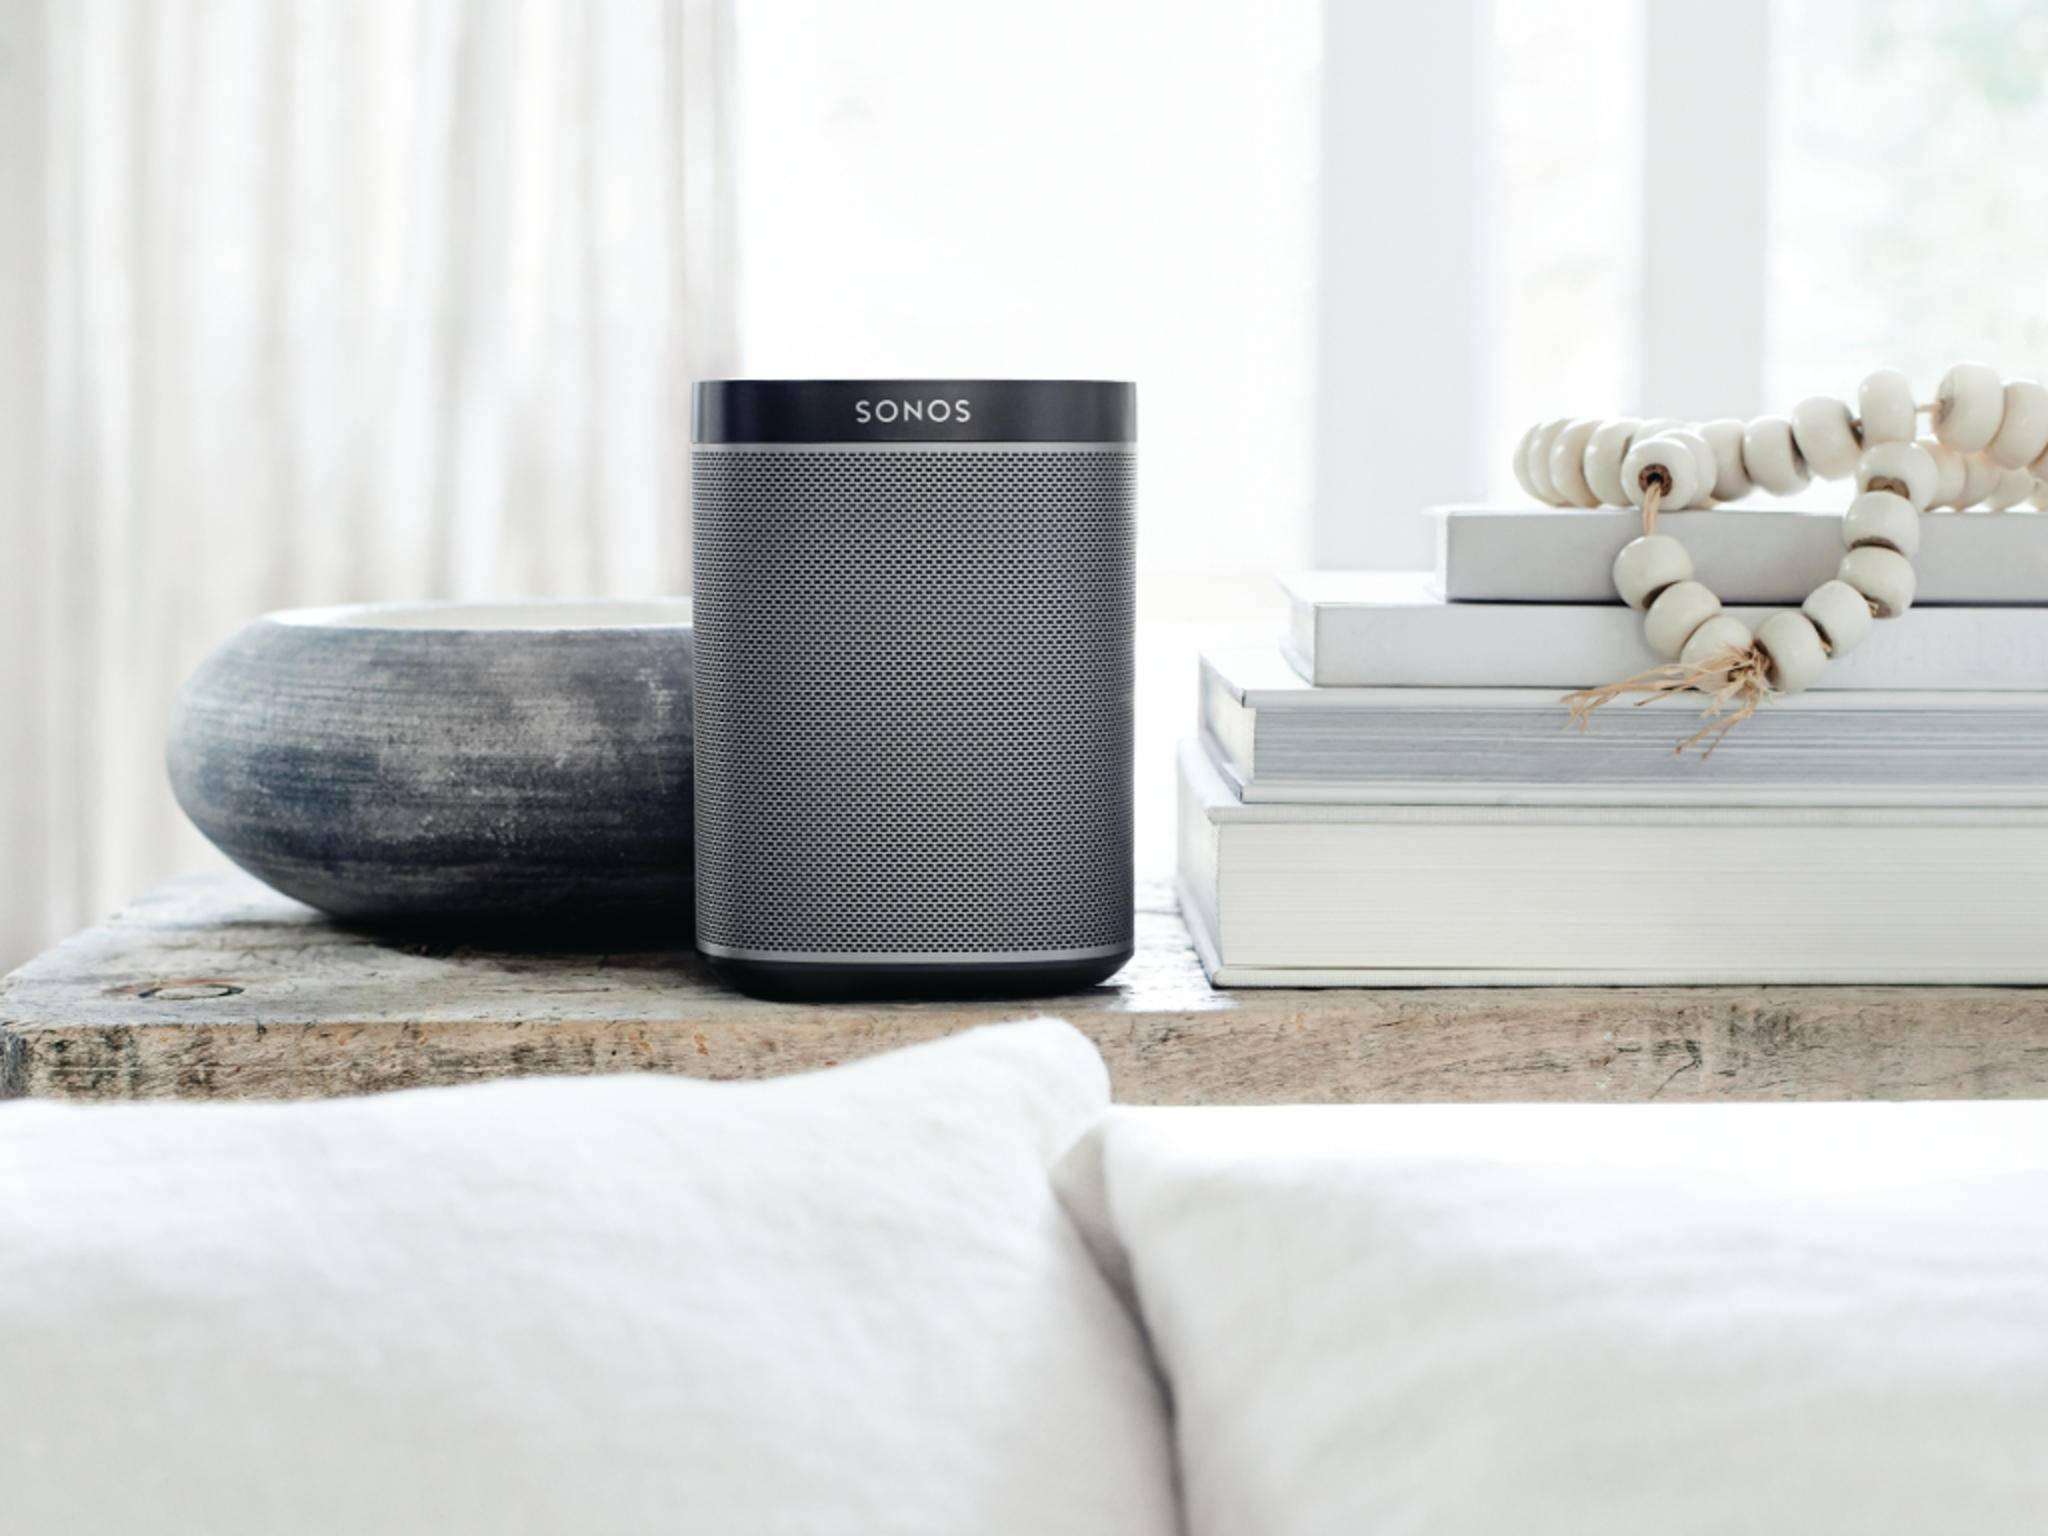 Sonos-Lautsprecher werden künftig auf Sprachsteuerung setzen.